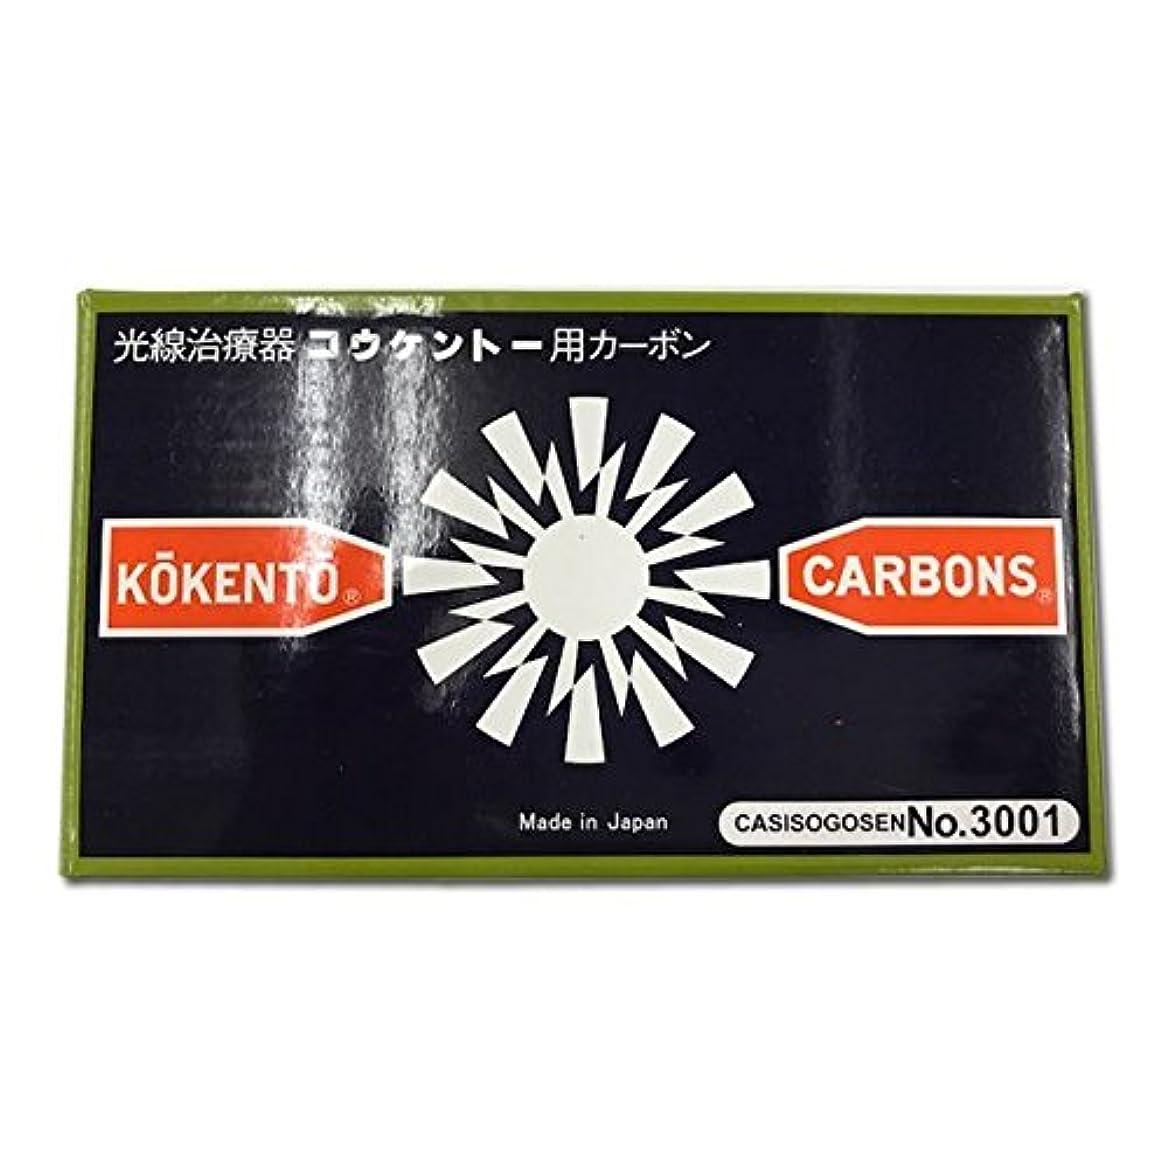 コウケントーカーボン No3001 50本